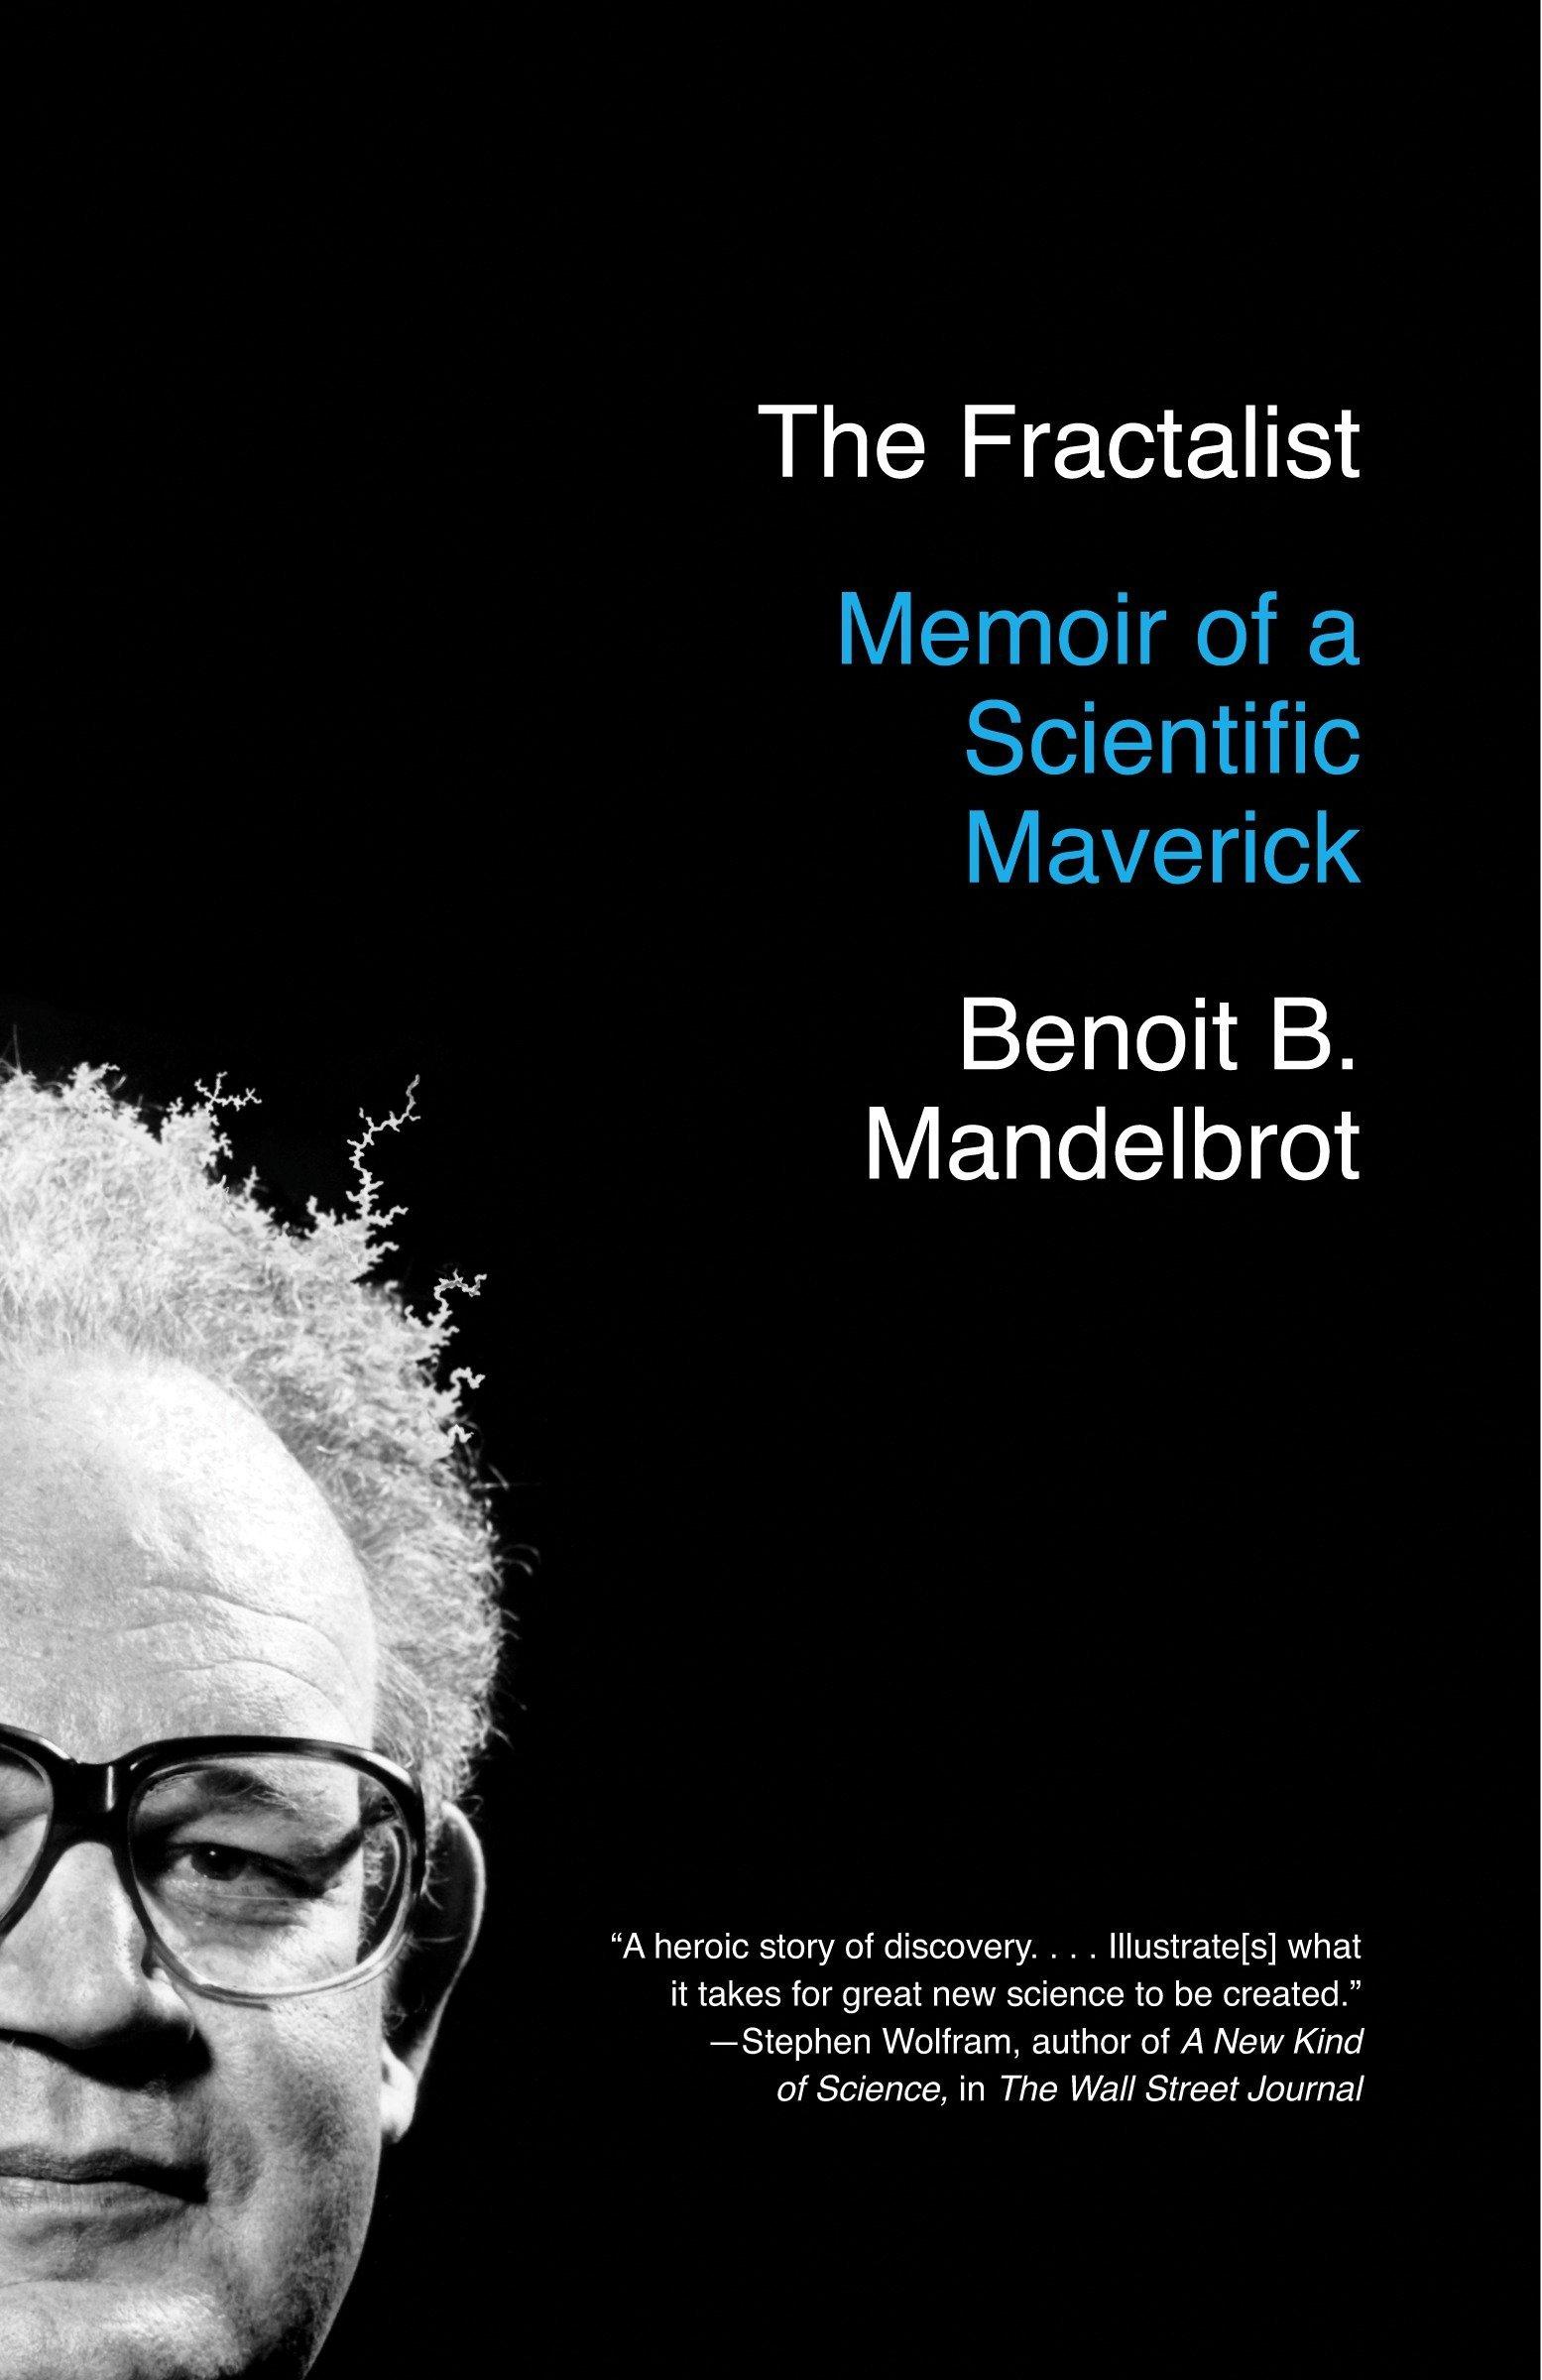 mandelbrot_the_fractalist.jpg